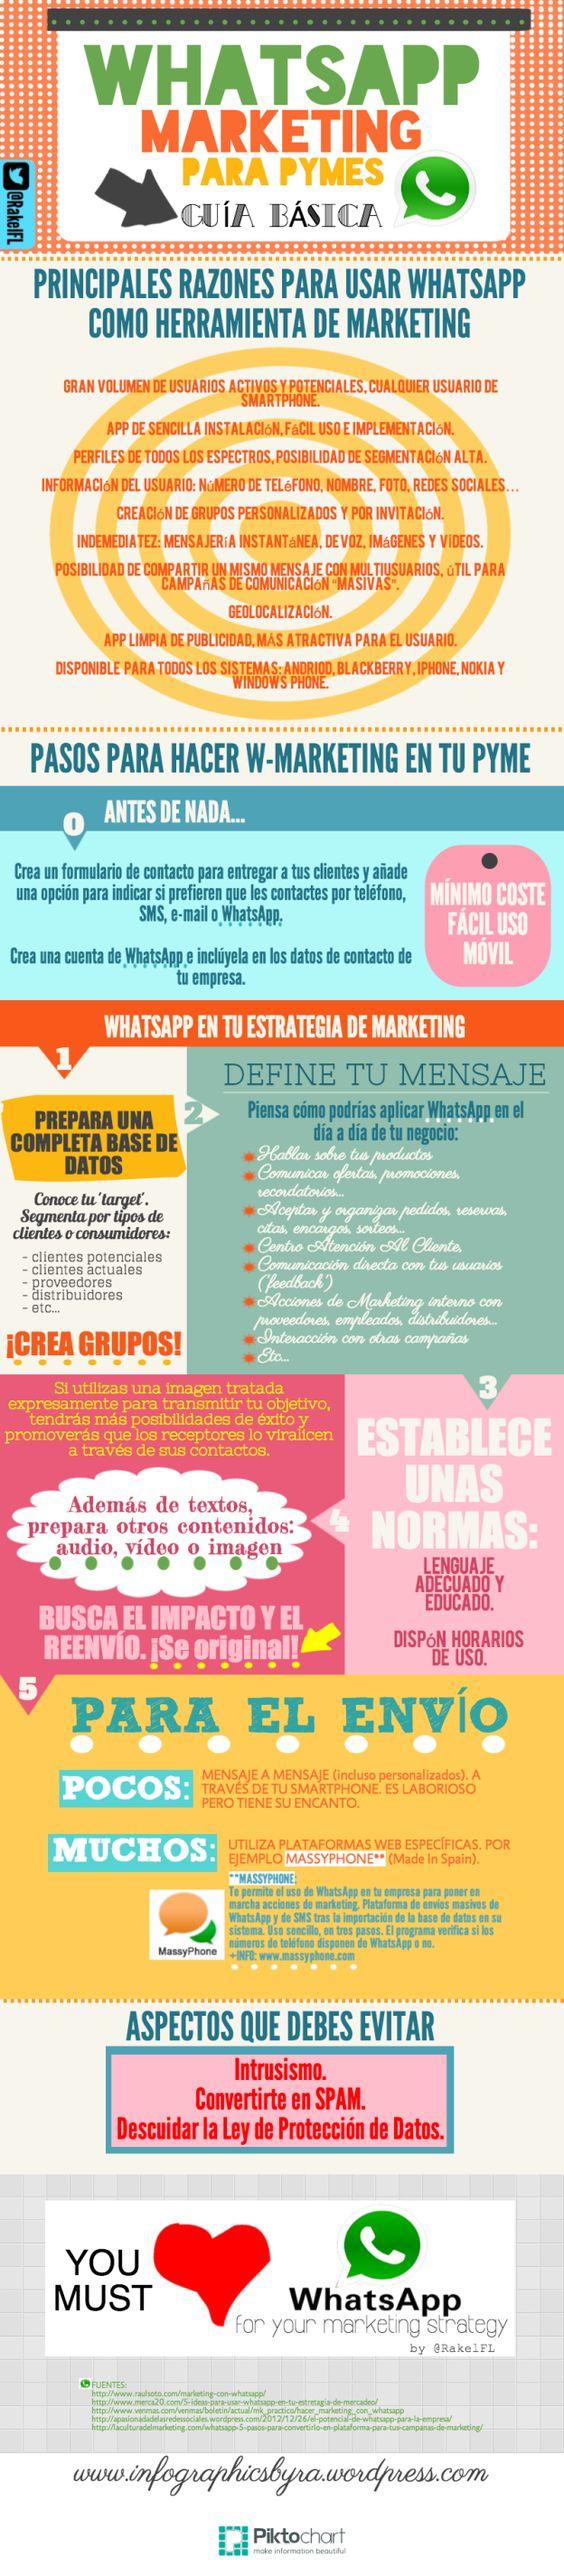 Infografía que muestra de forma esquemática el atractivo de Whatsapp como plataforma para integrarla como parte de la estrategia de marketing, como canal de comunicación y como vía de fidelización con usuarios y clientes